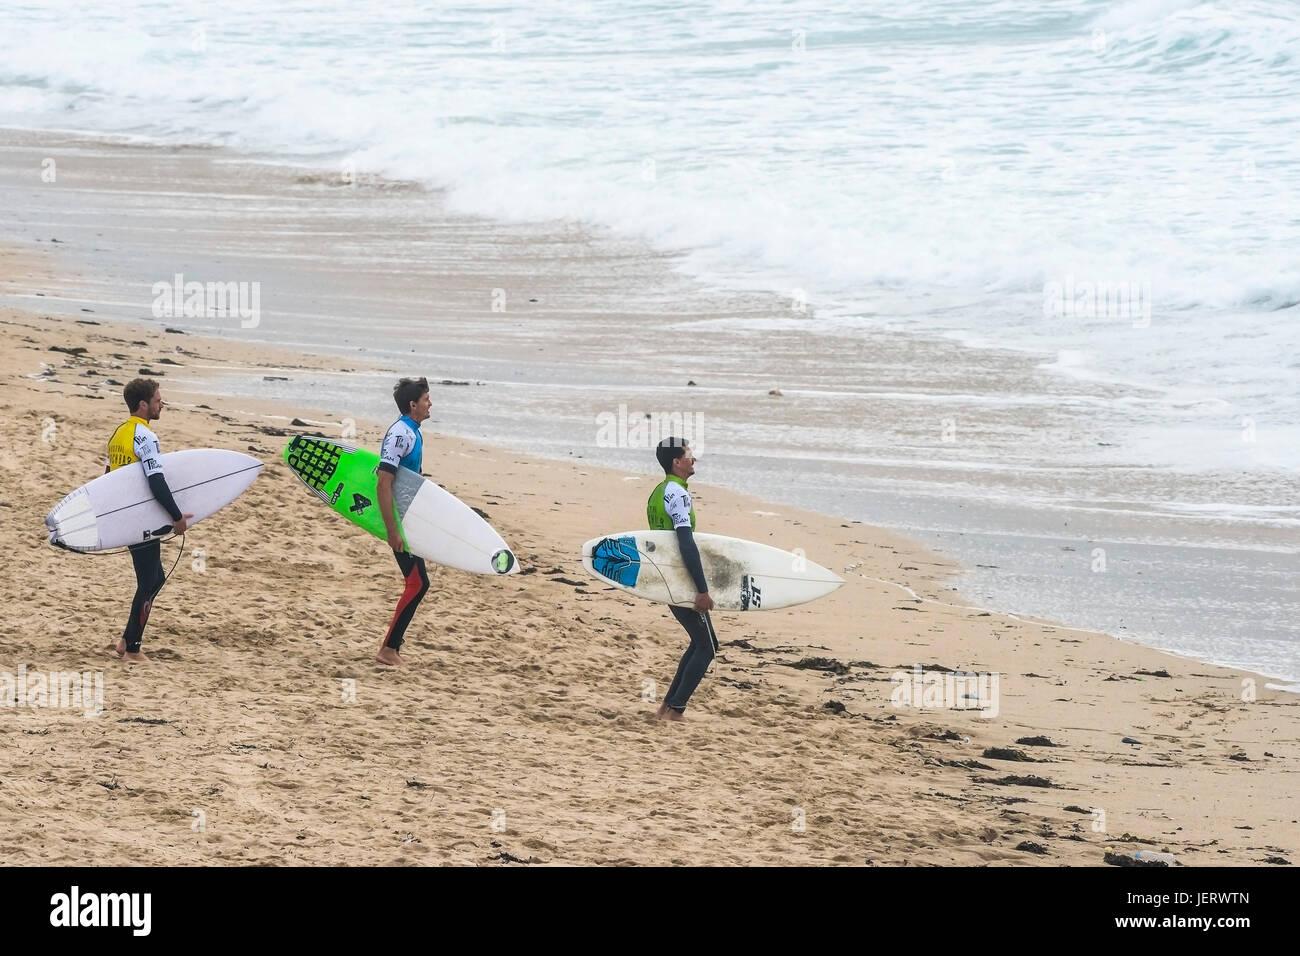 Surf uk. tre surfers permanente sulla fistral beach in attesa di competere in un surf concorrenza., newquay cornwall. Immagini Stock